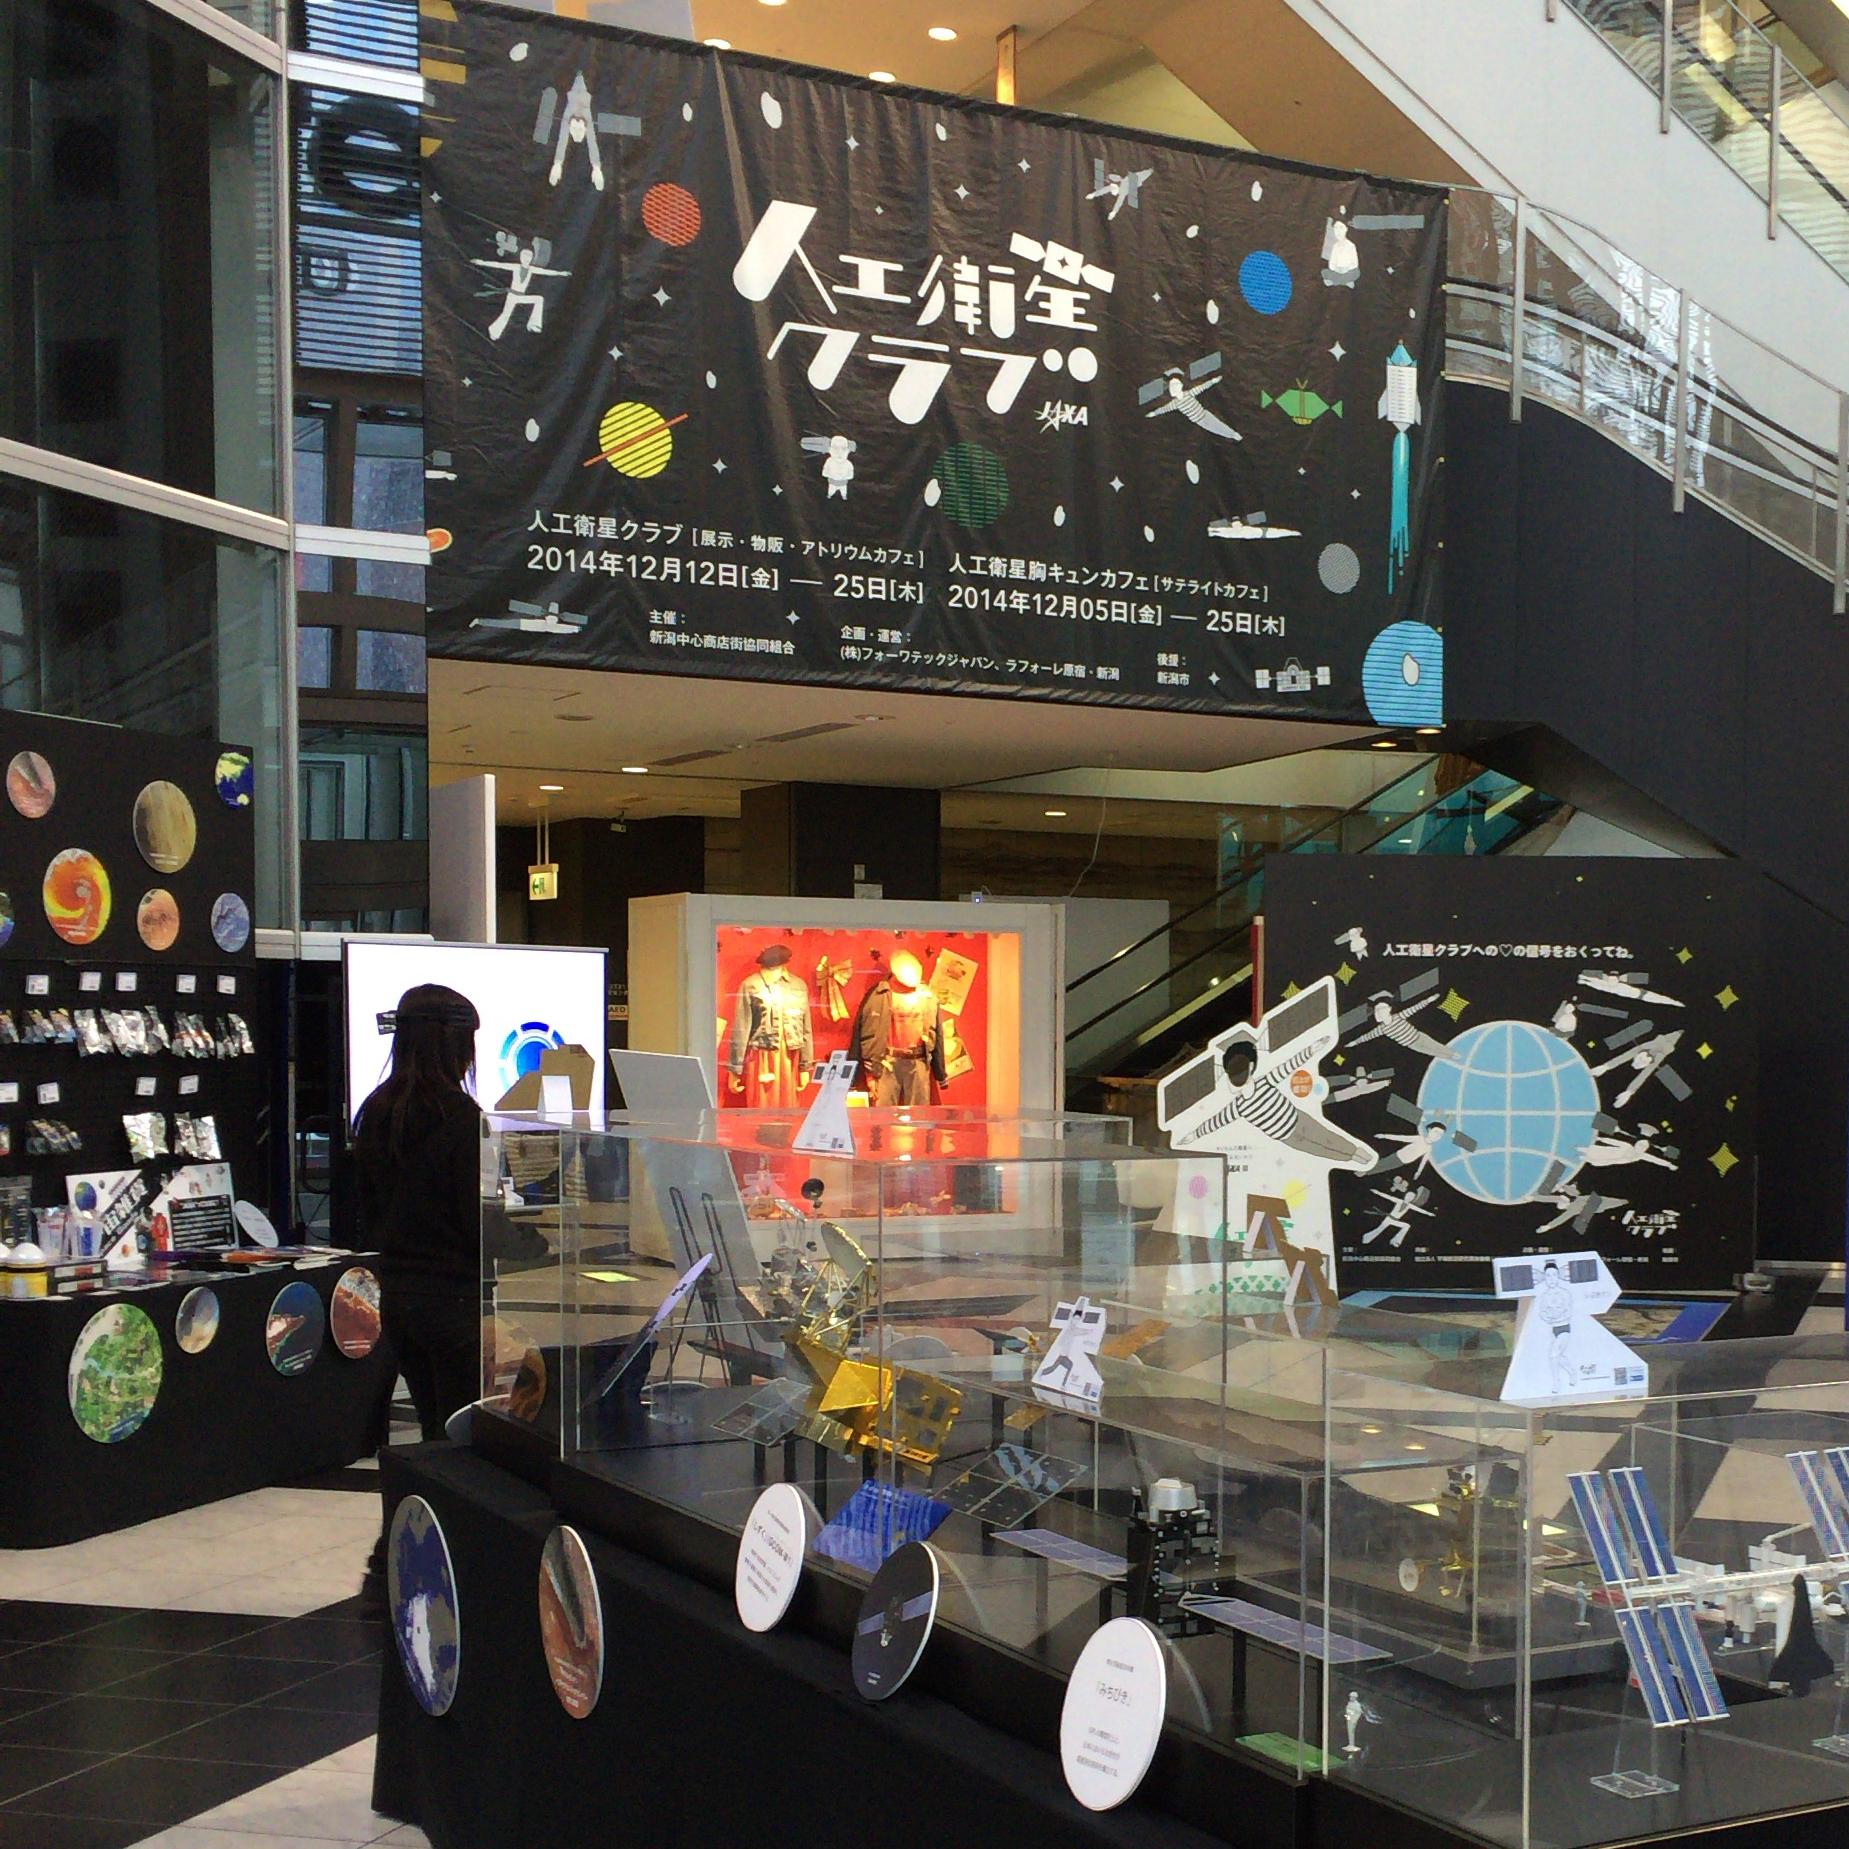 人工衛星胸キュンカフェ 新潟